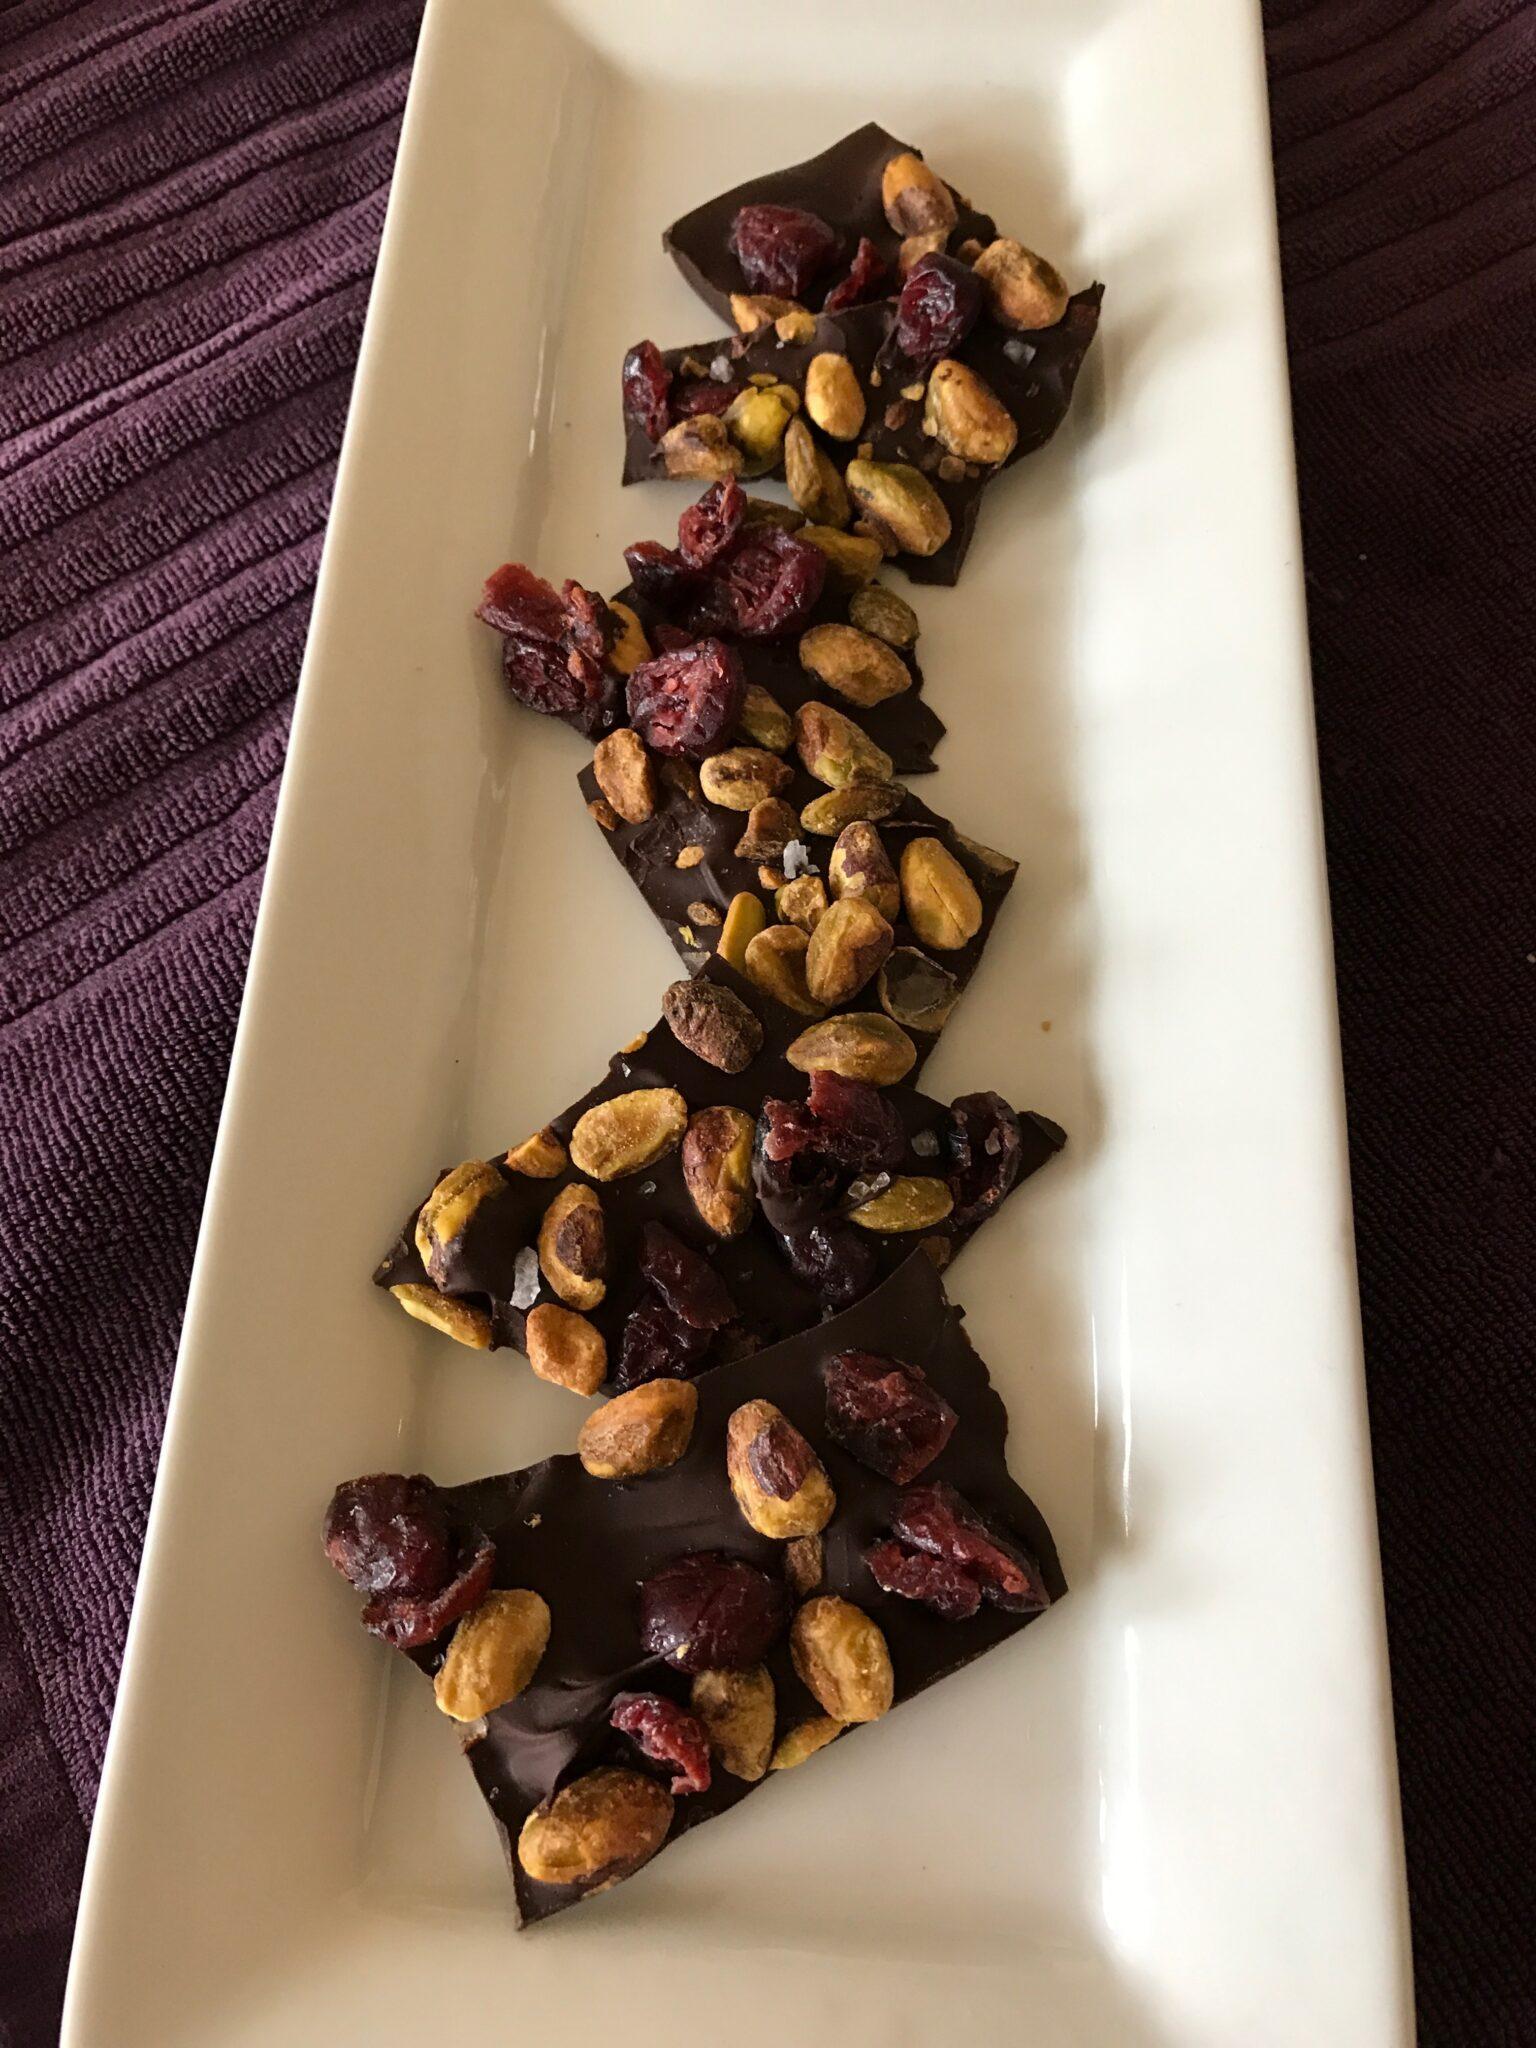 When Nothing But Chocolate Will Do – Make Dark Chocolate Bark